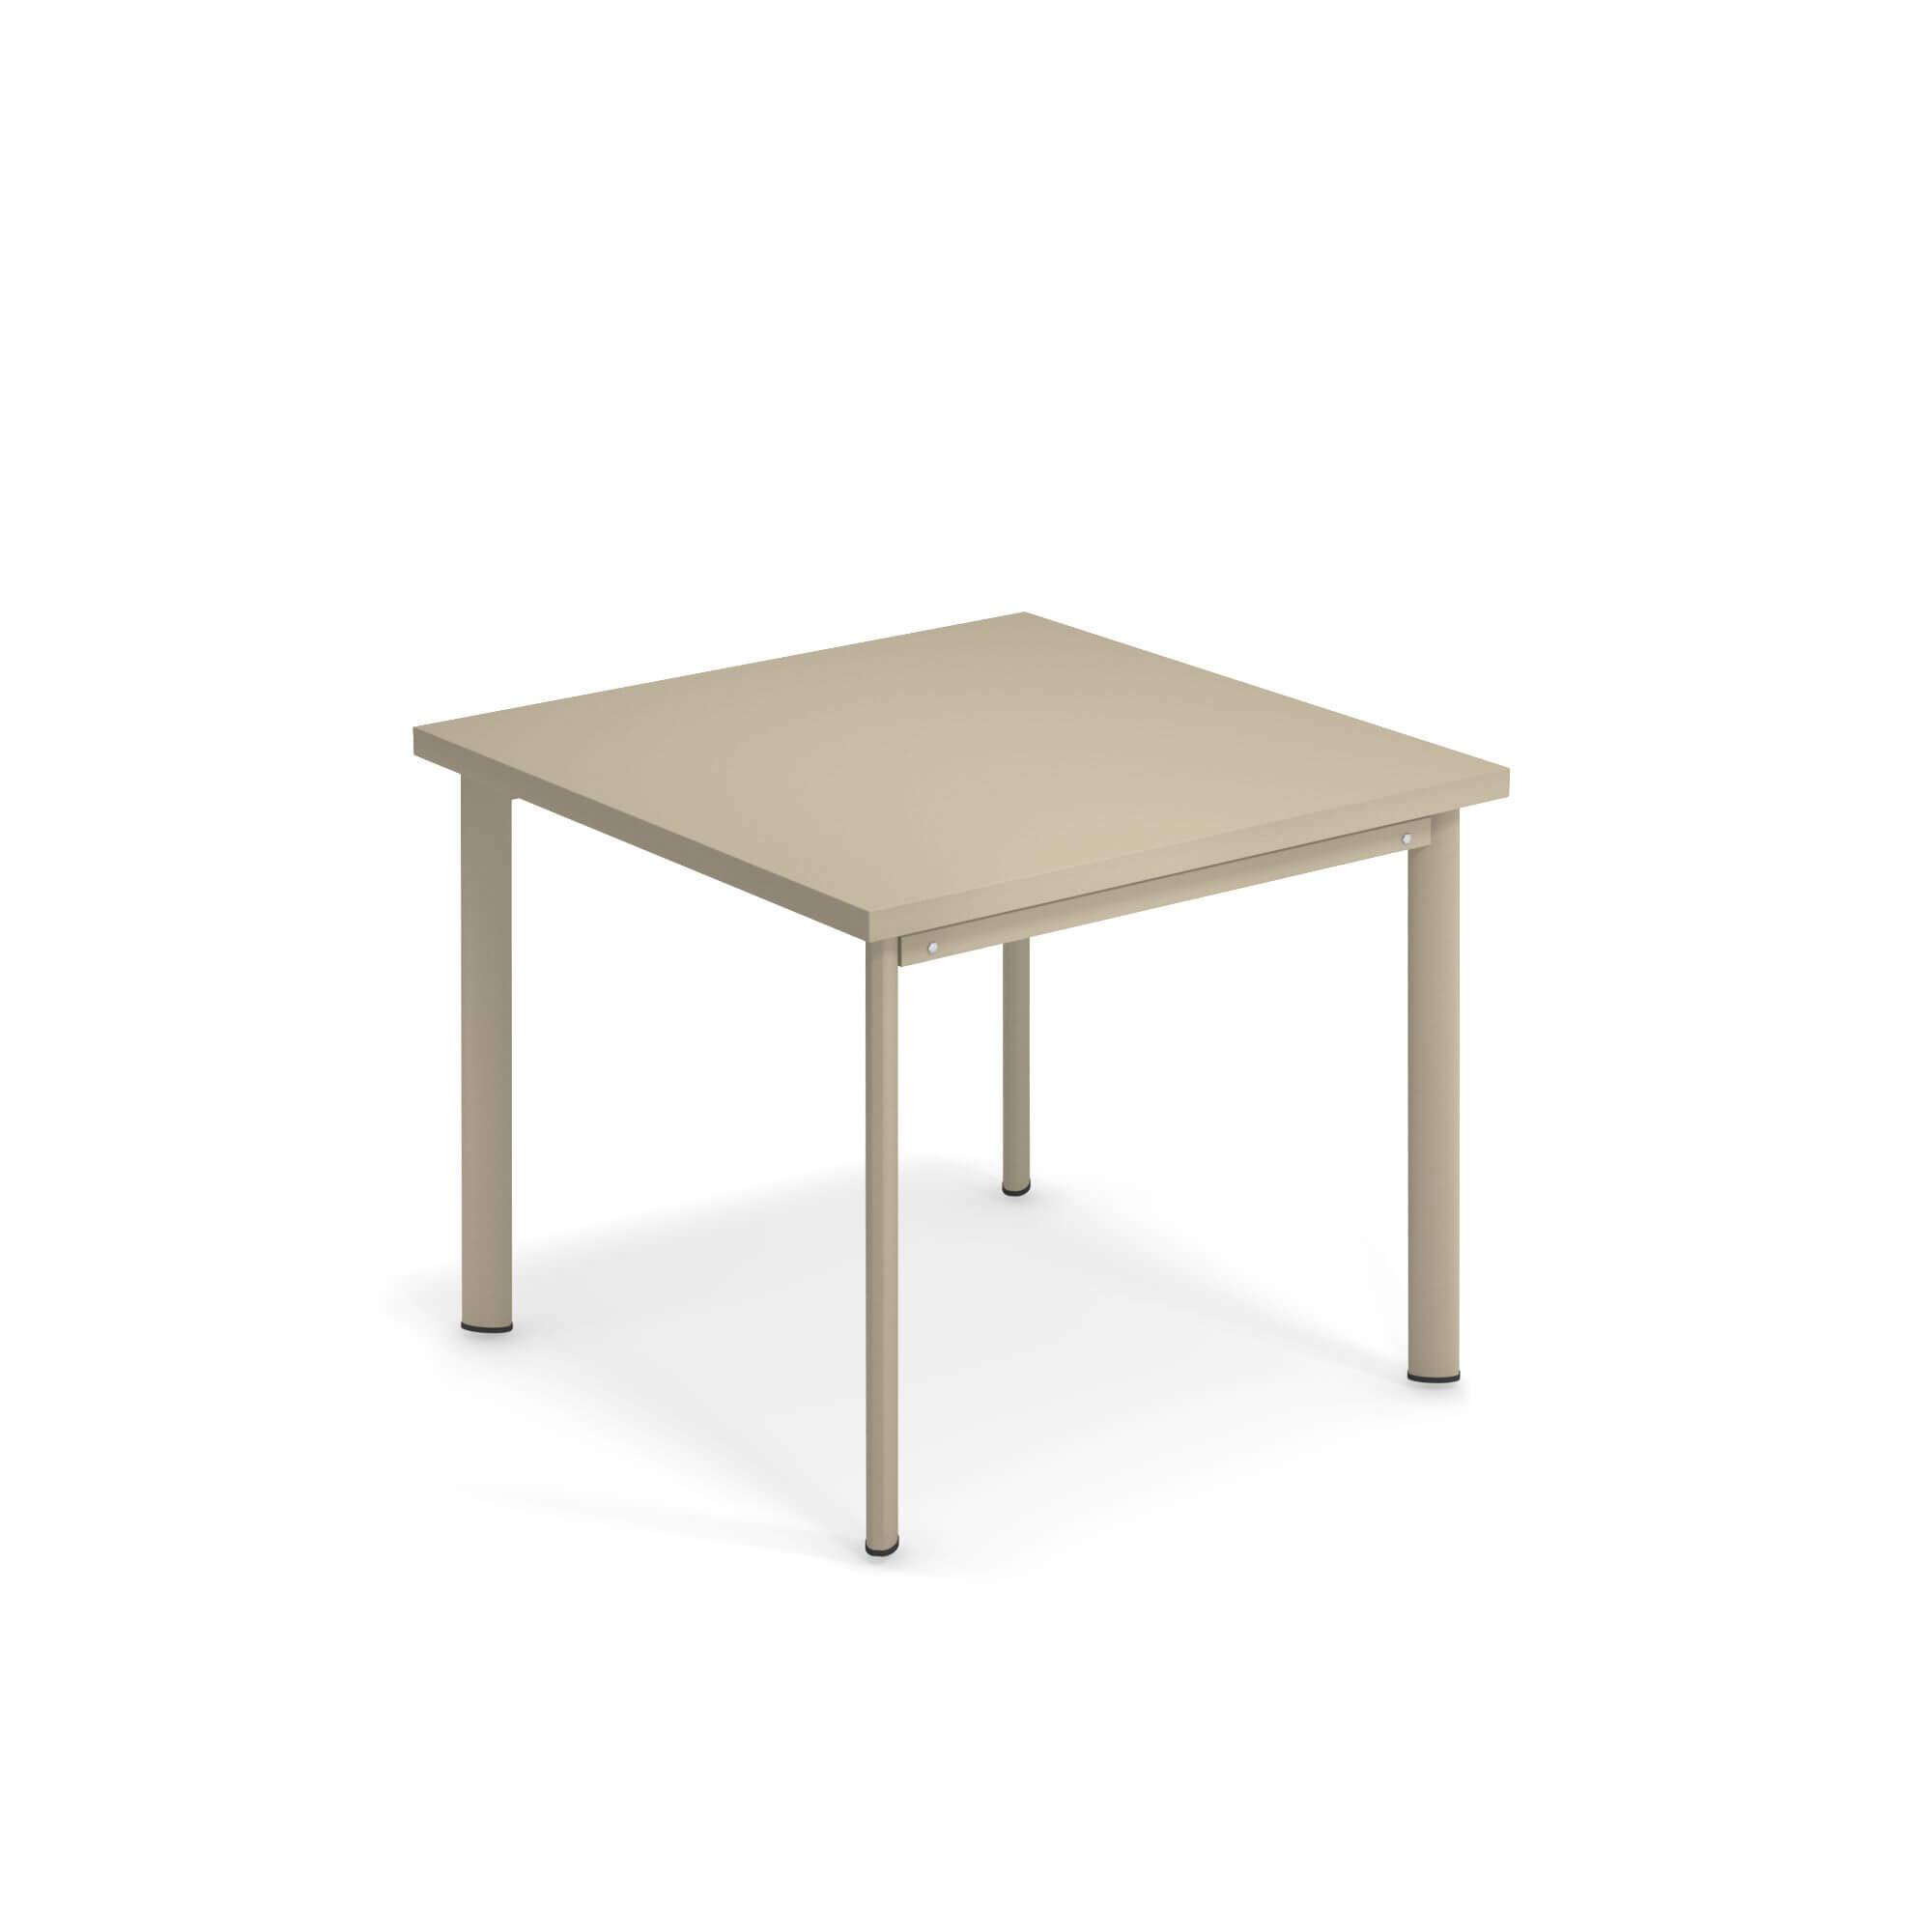 Tavolo Quadrato Da Esterno.Tavolo Quadrato 90x90 Da Giardino Esterno In Acciaio Collezione